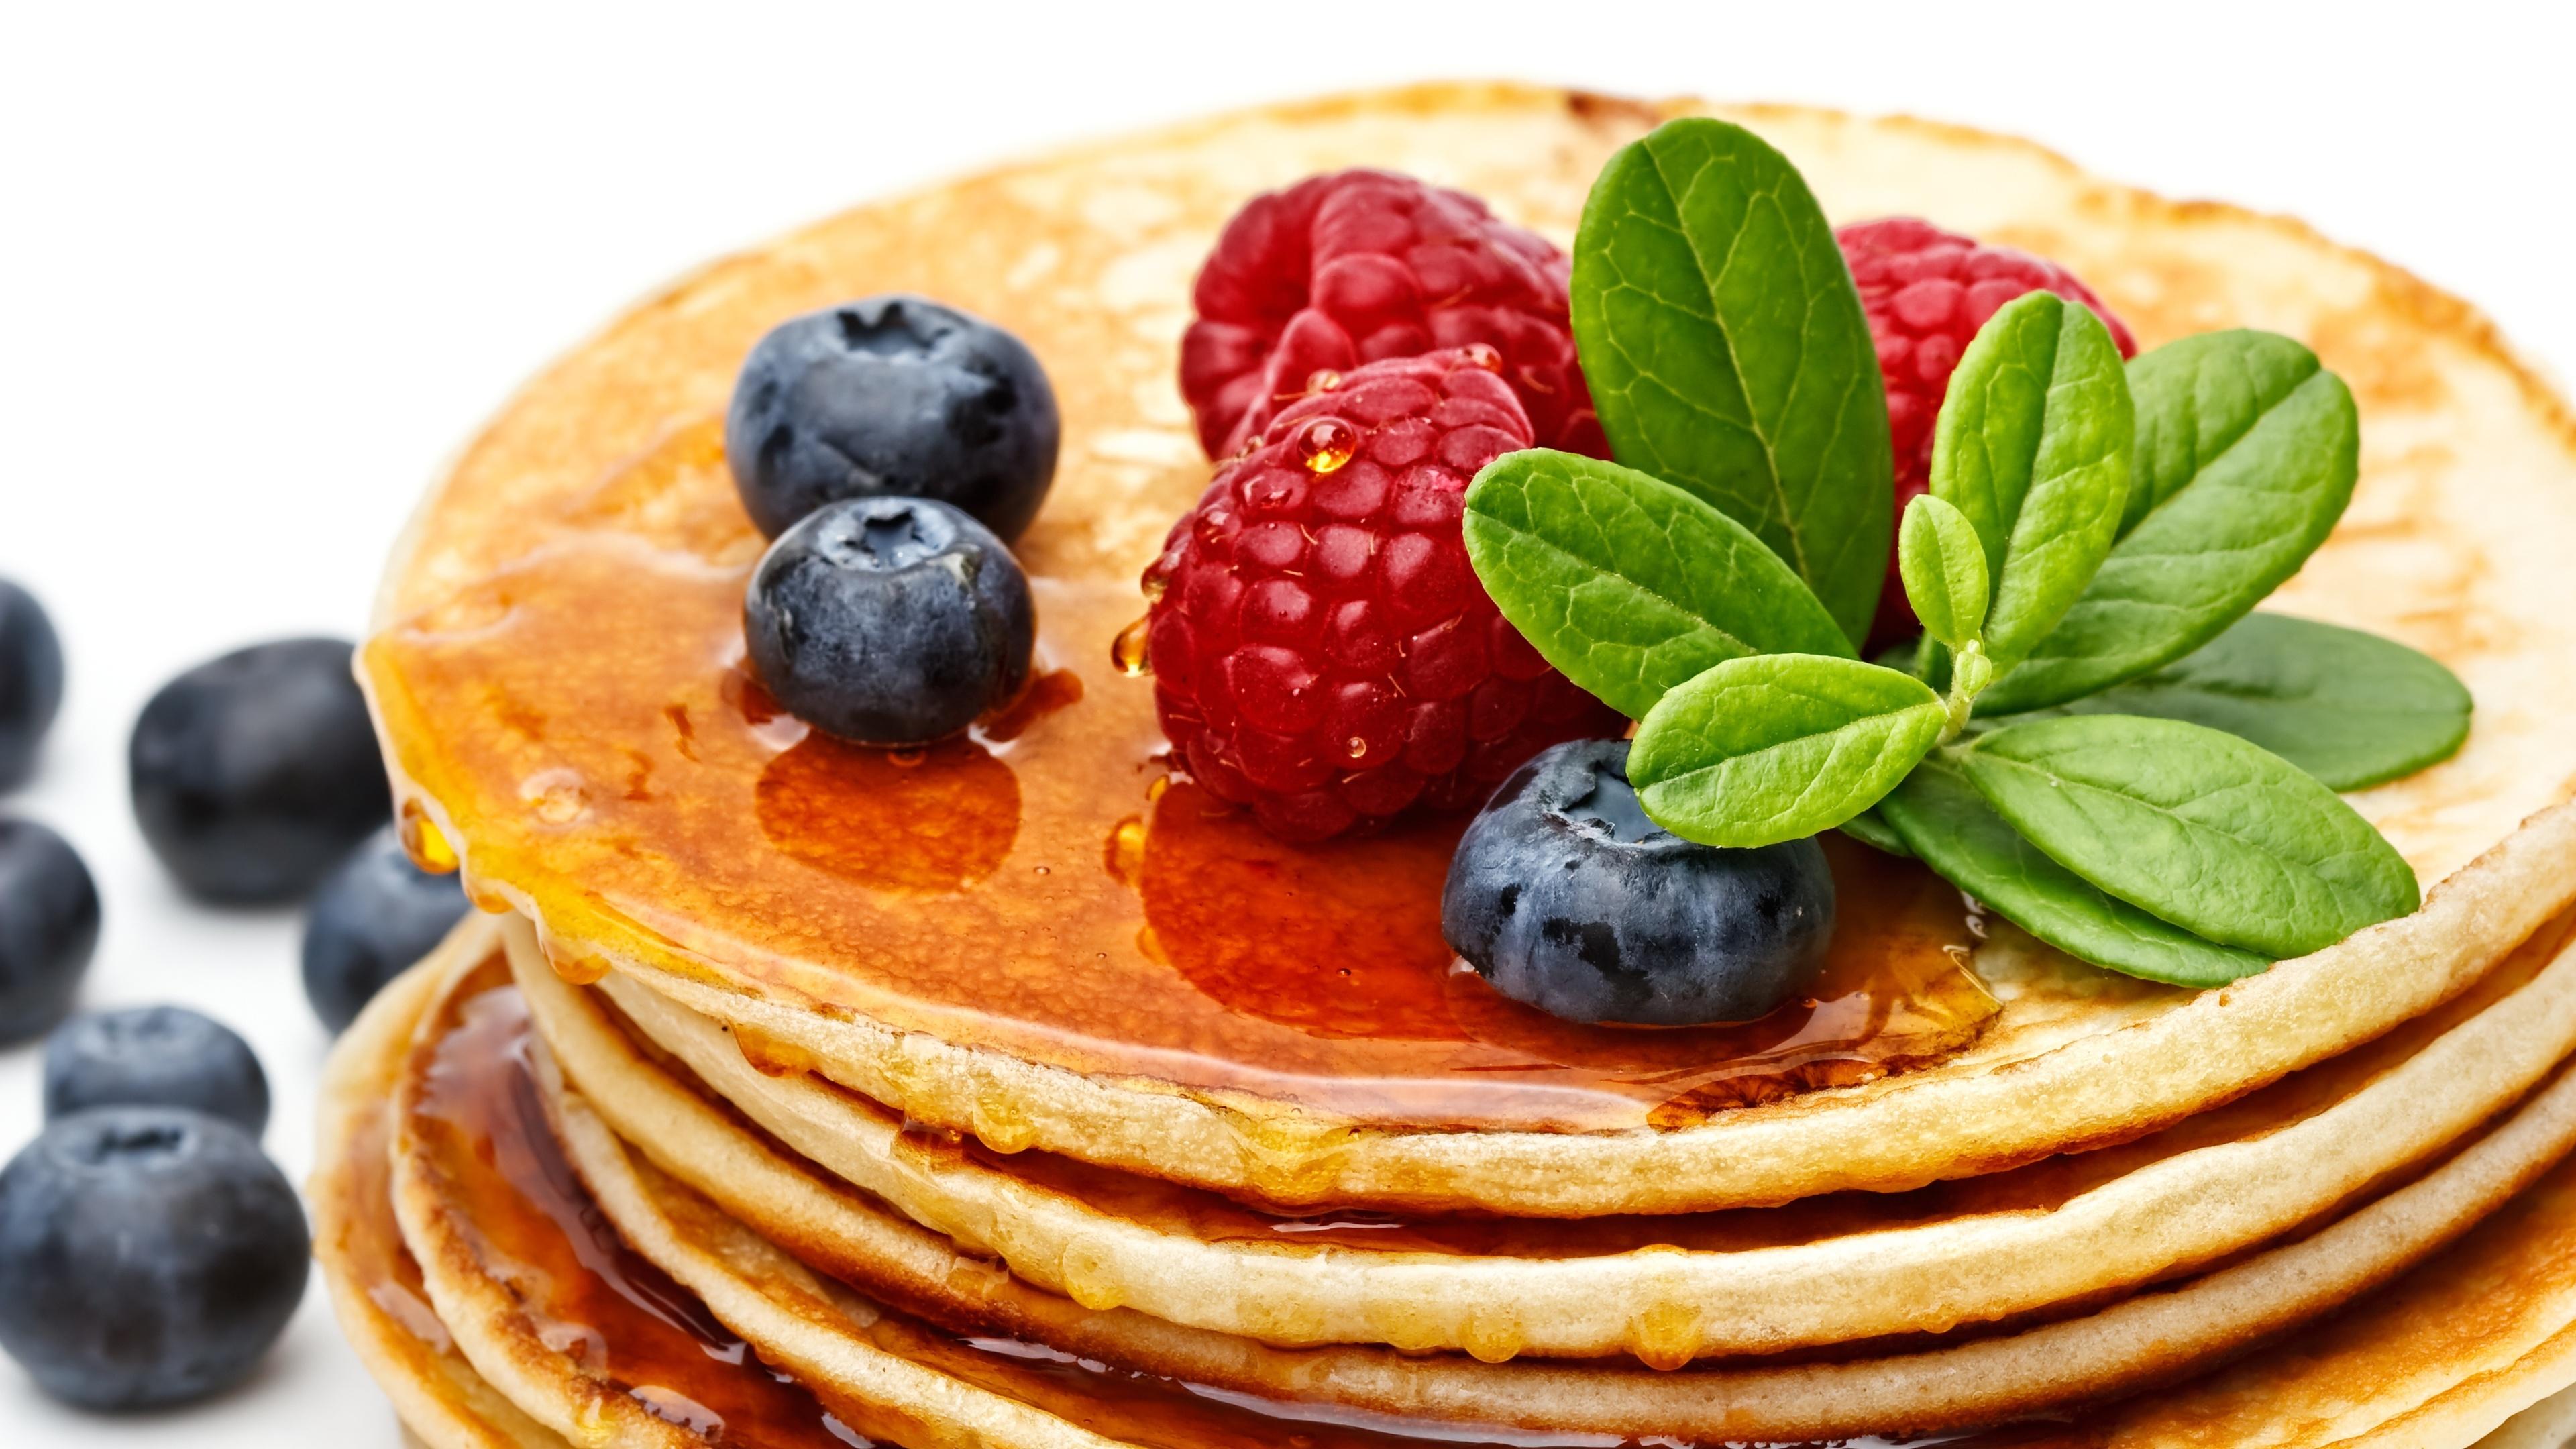 Картинка: Блины, мёд, ягоды, малина, черника, листкики